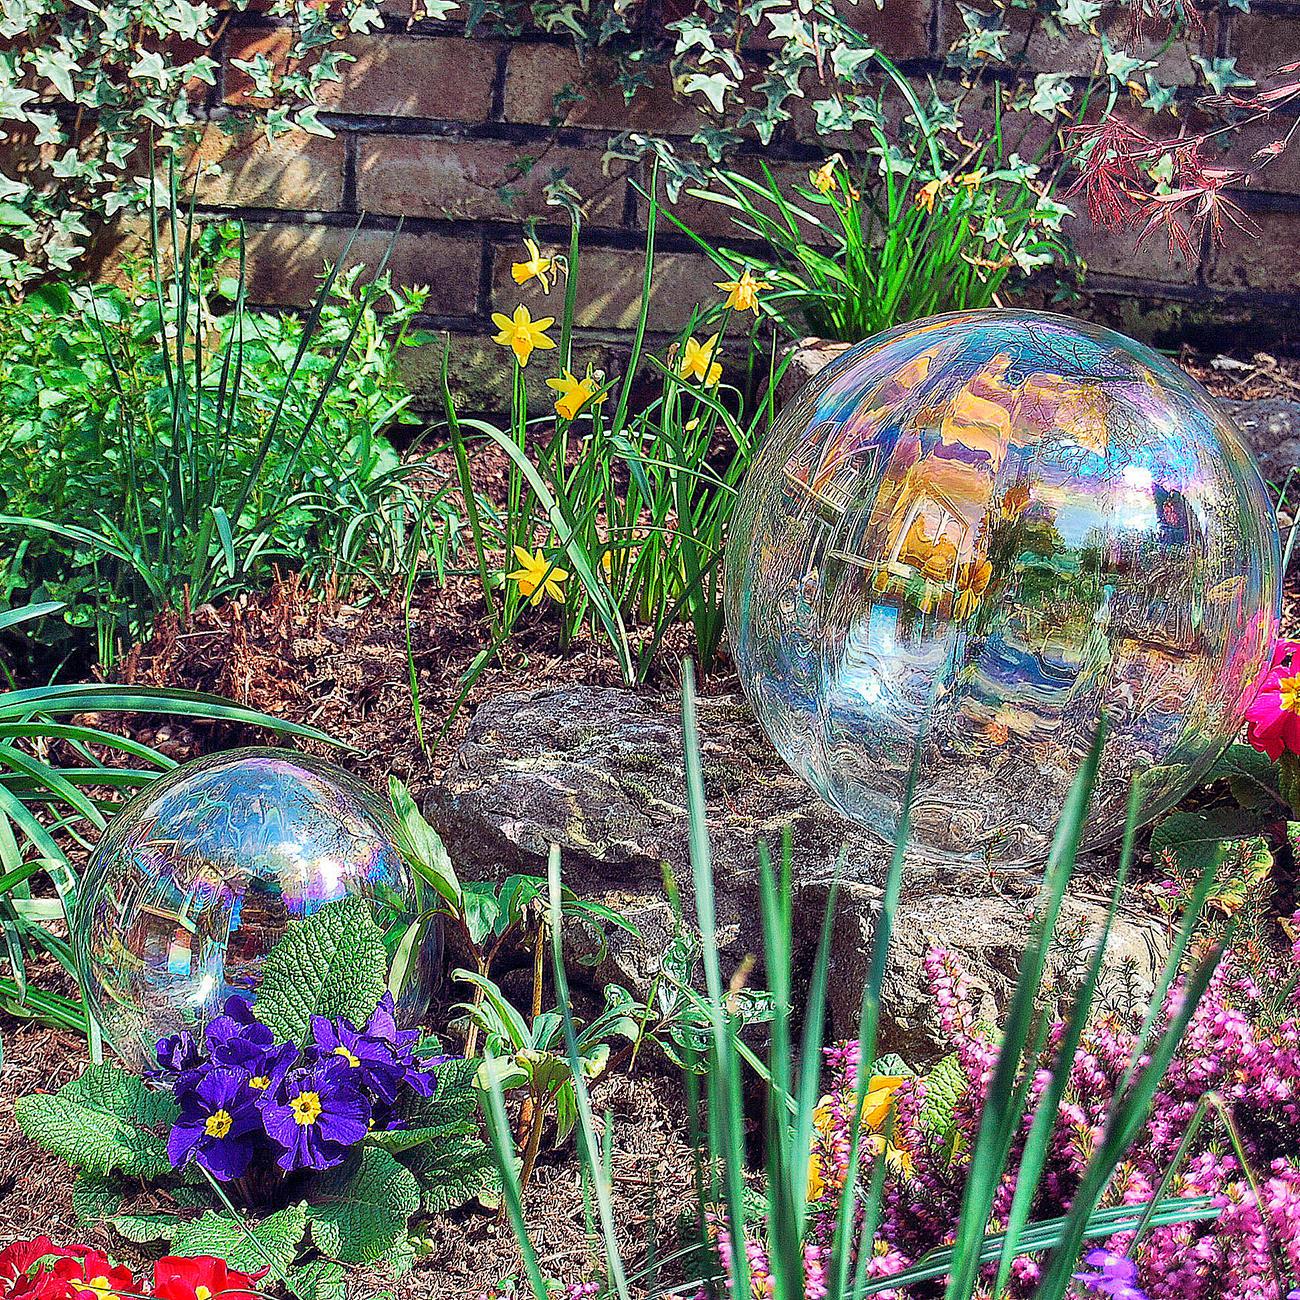 Seifenblasen kugel aus glas 20 cm durchmesser kaufen - Kugel garten ...